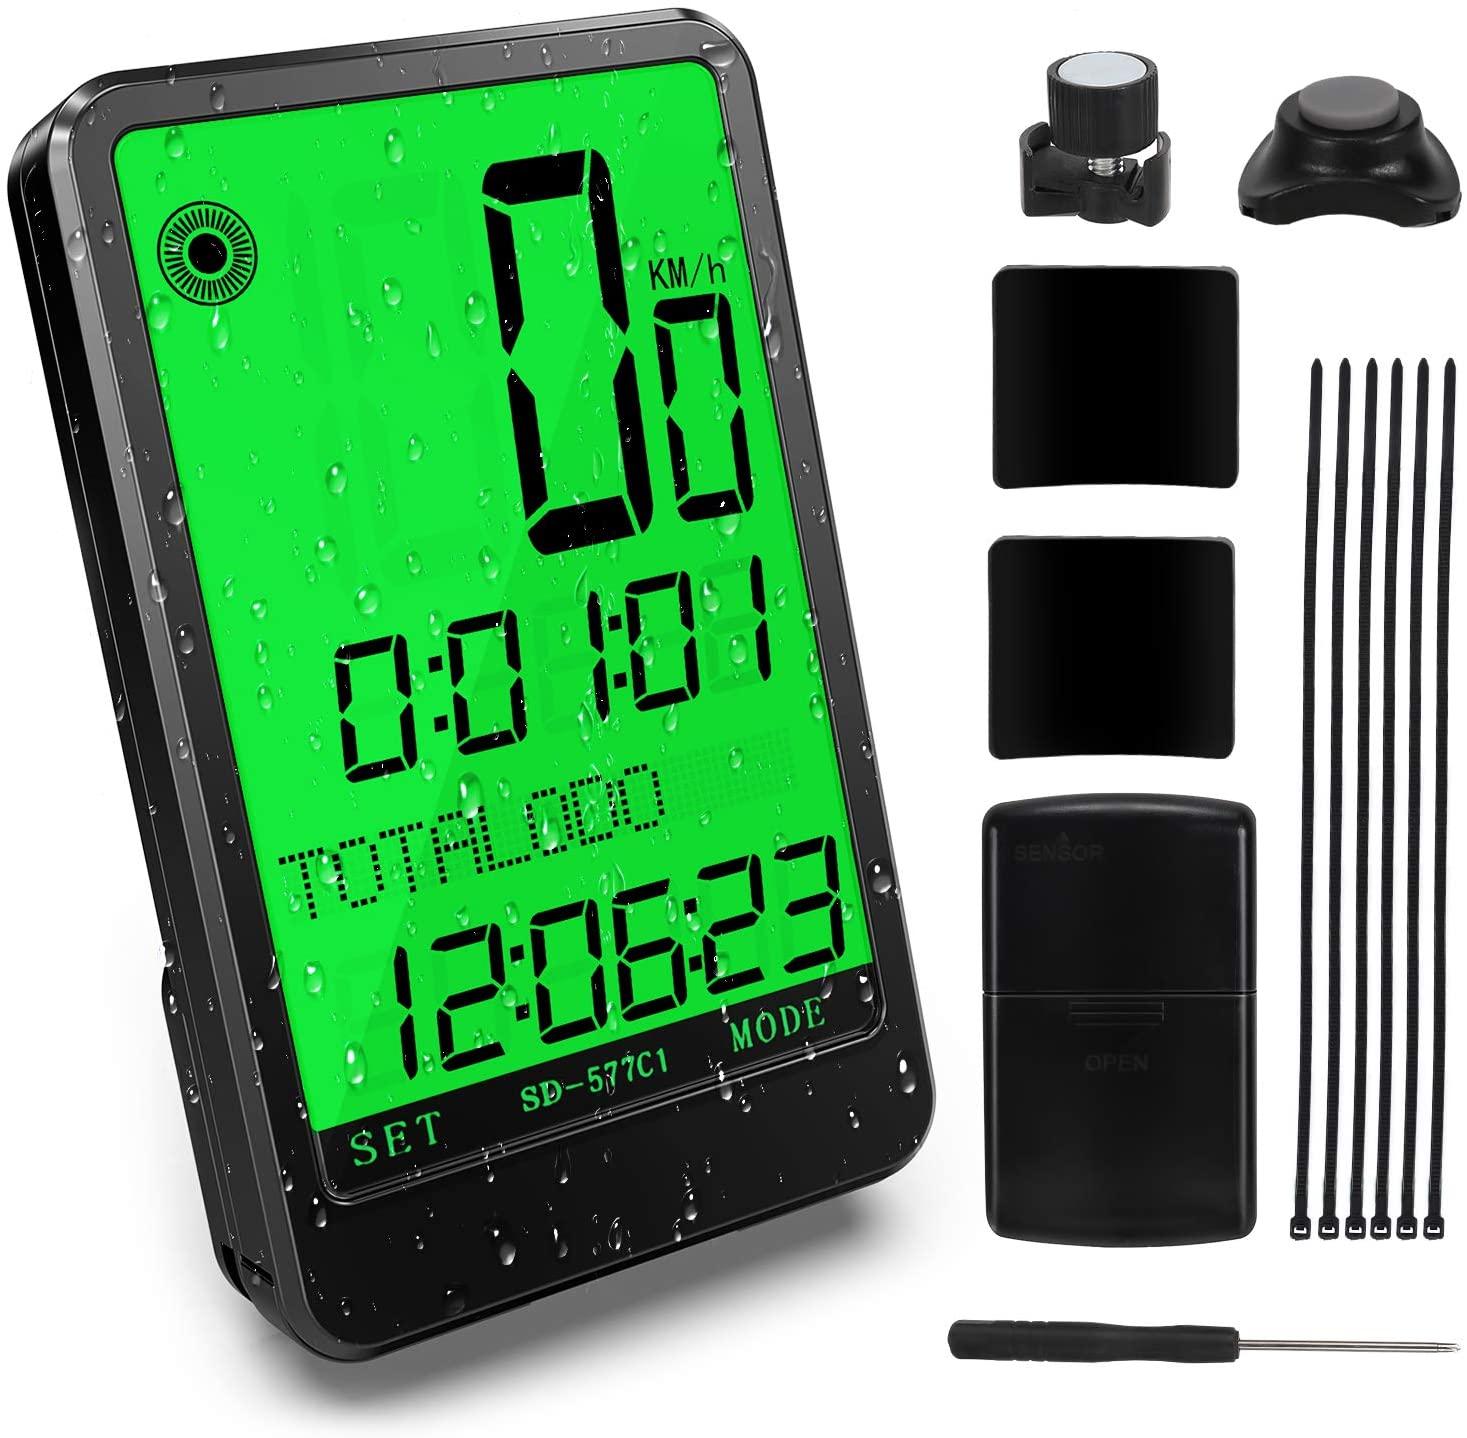 Cuentakilómetros inalámbrico para Bicicleta con 32 funciones